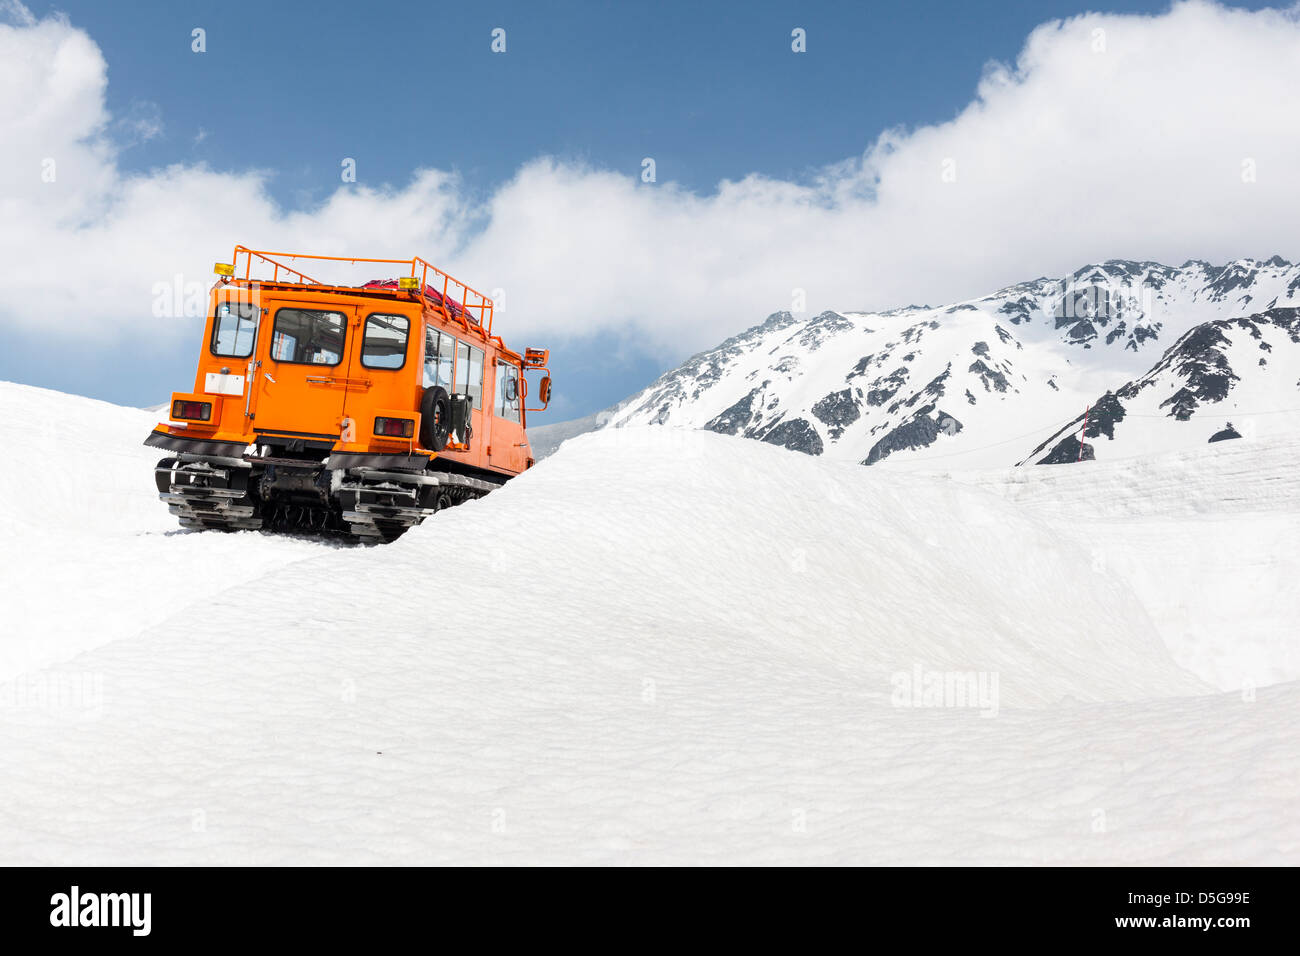 Vista posteriore della montagna su un veicolo di soccorso con caterpillar tracks su una montagna ricoperte di neve Immagini Stock